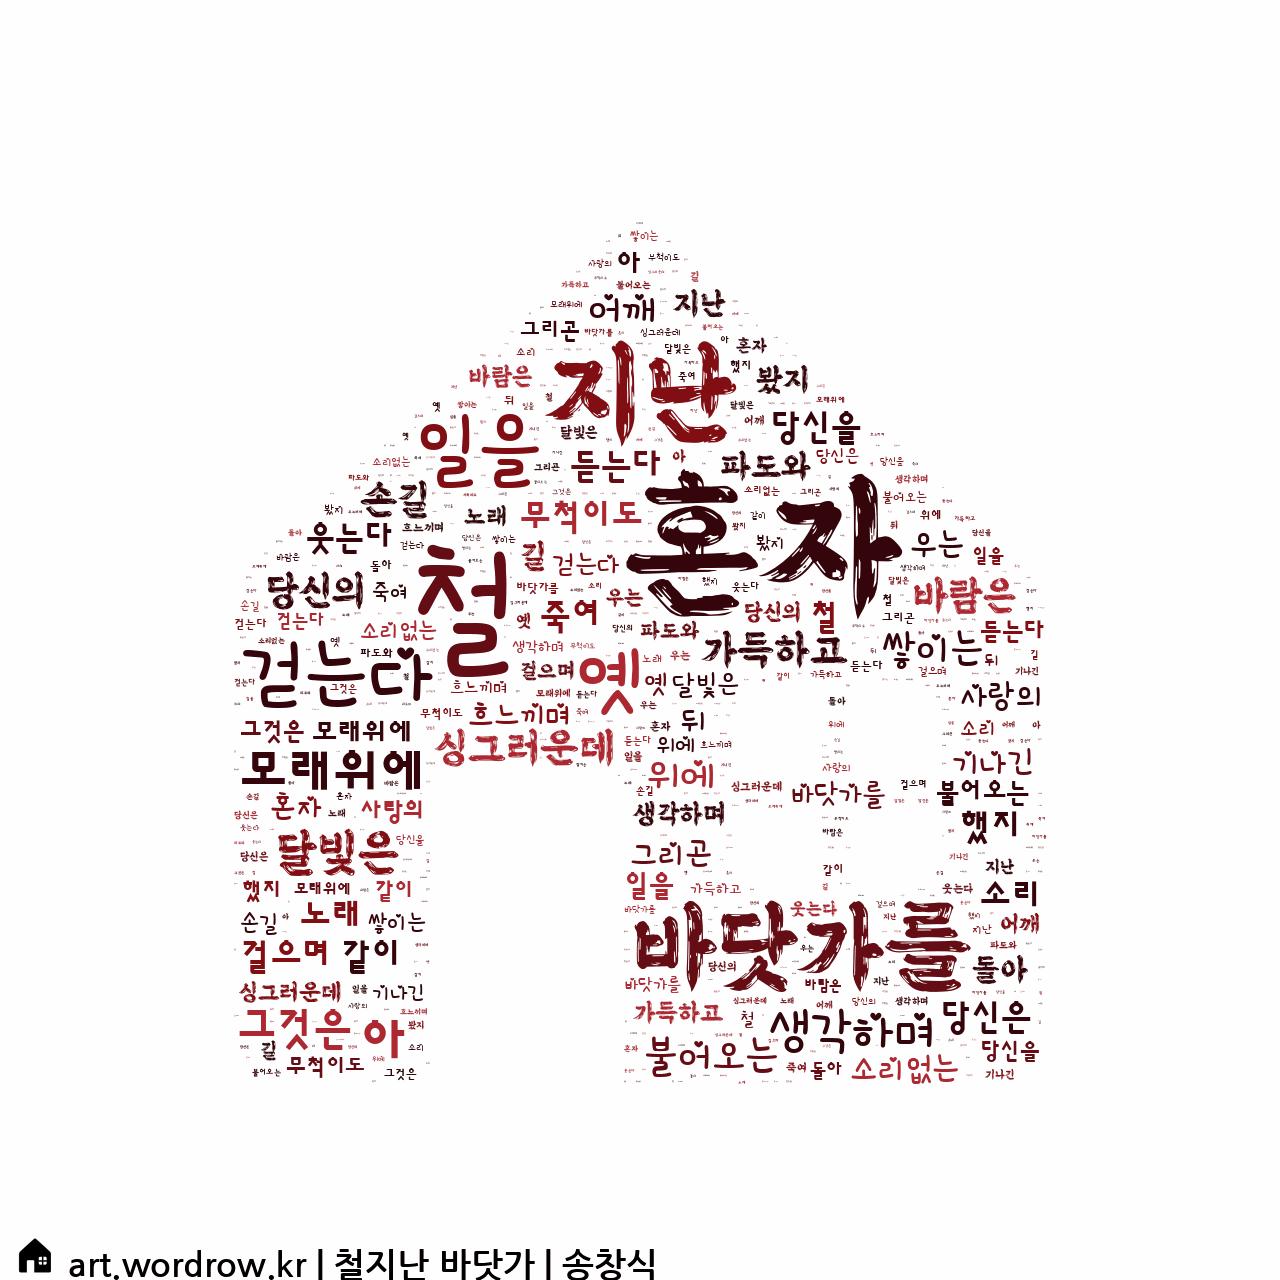 워드 클라우드: 철지난 바닷가 [송창식]-62